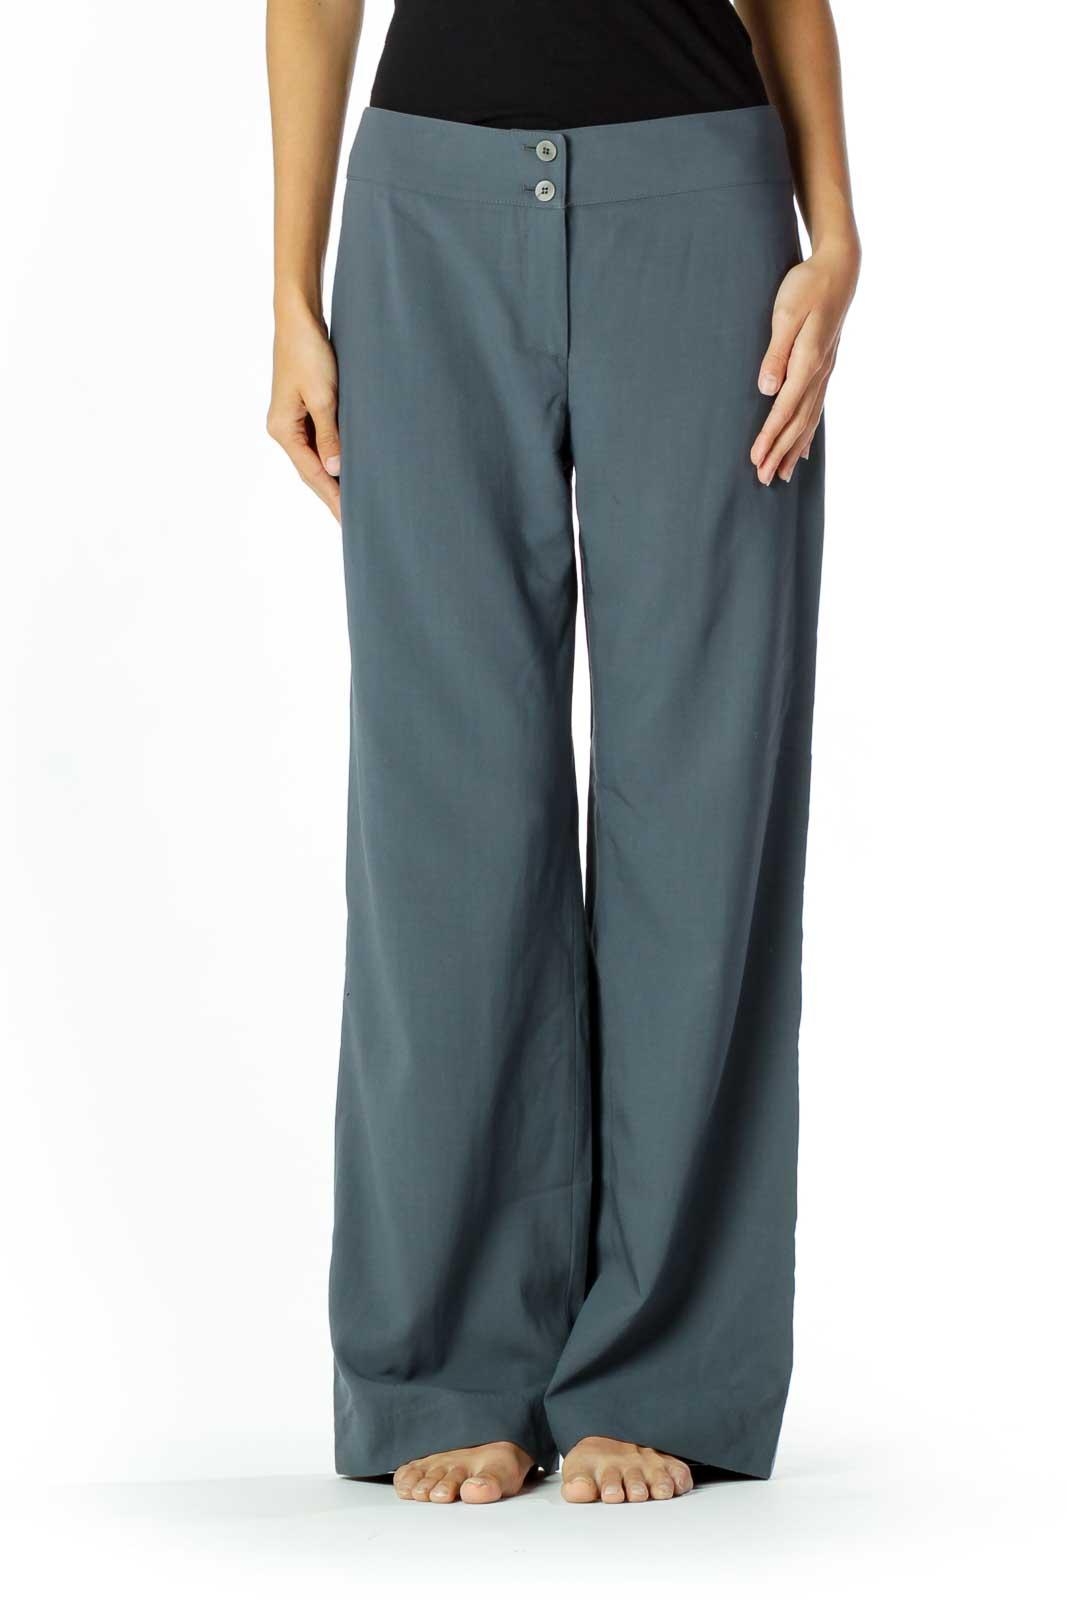 Gray Wide Leg Slacks Front